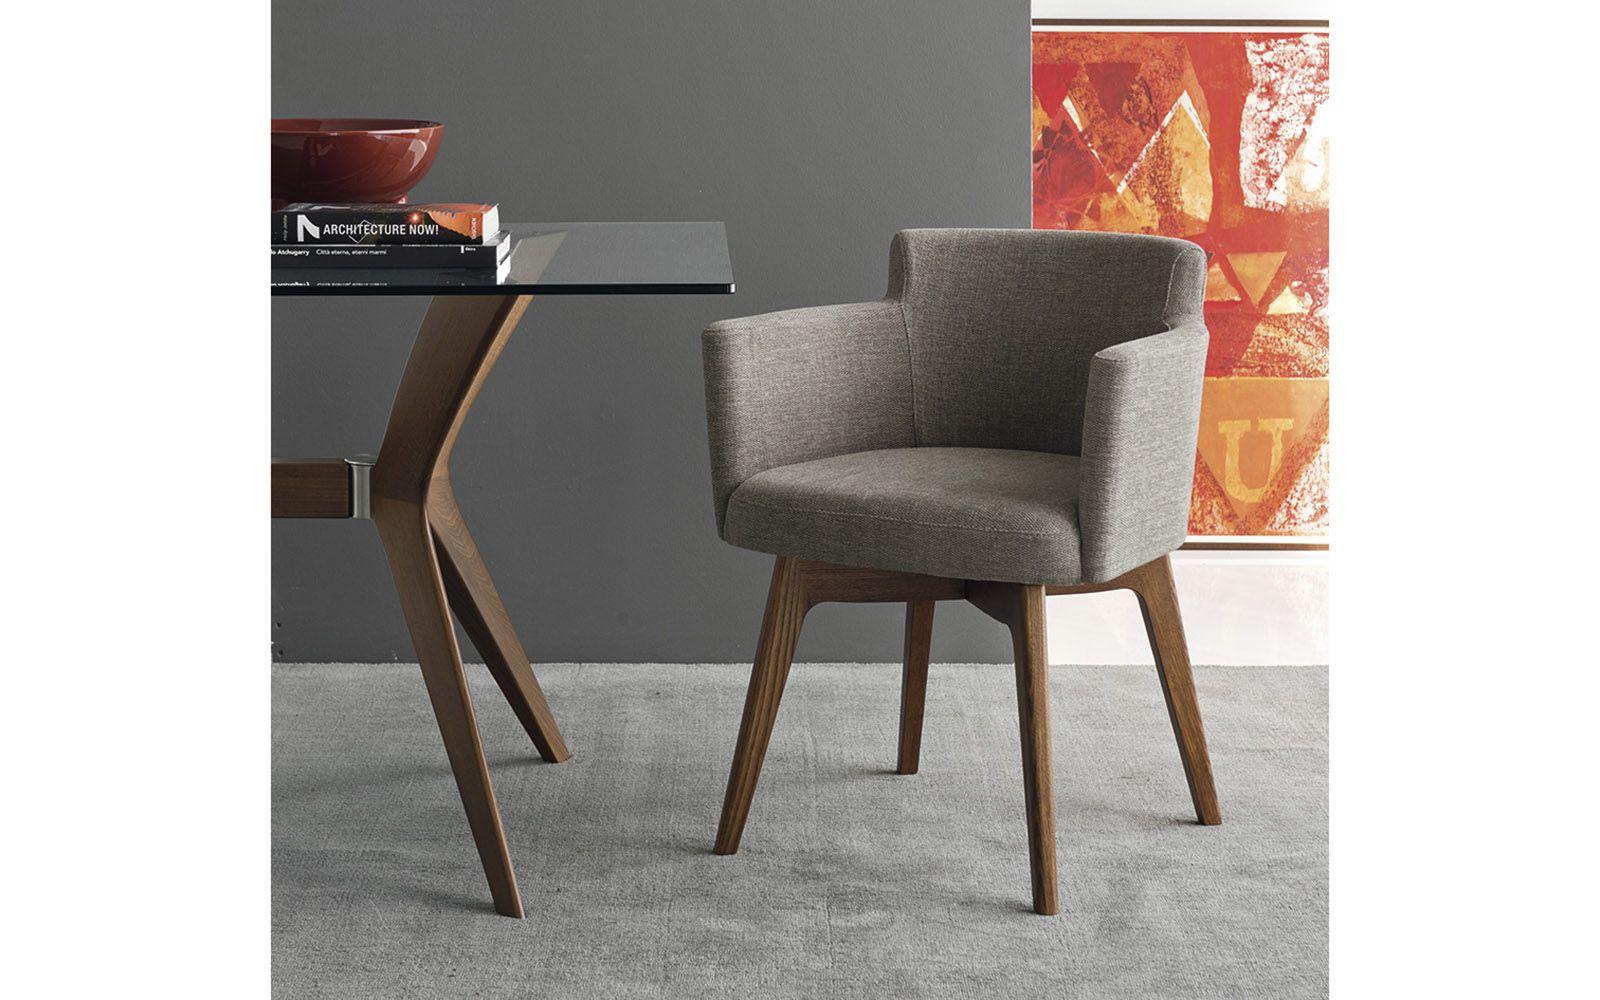 Sedie Sala Da Pranzo Calligaris : Sedia venus di calligaris sedie moderne sedie moderne sedie e